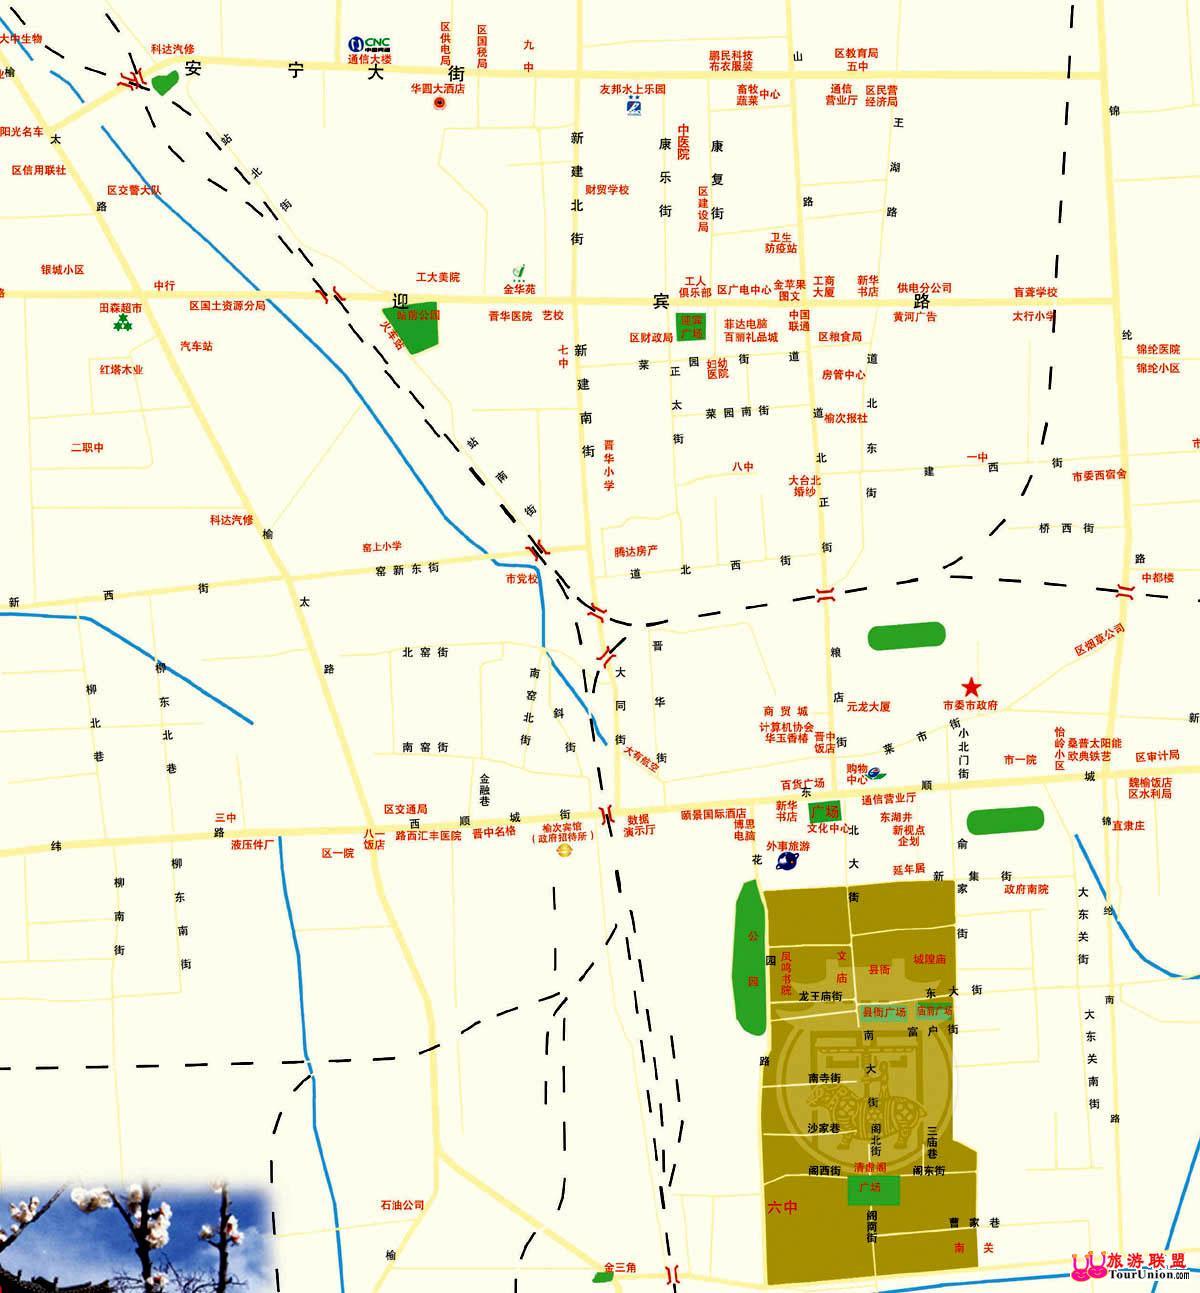 榆次老城交通图-旅游联盟山西晋中旅游资讯中心